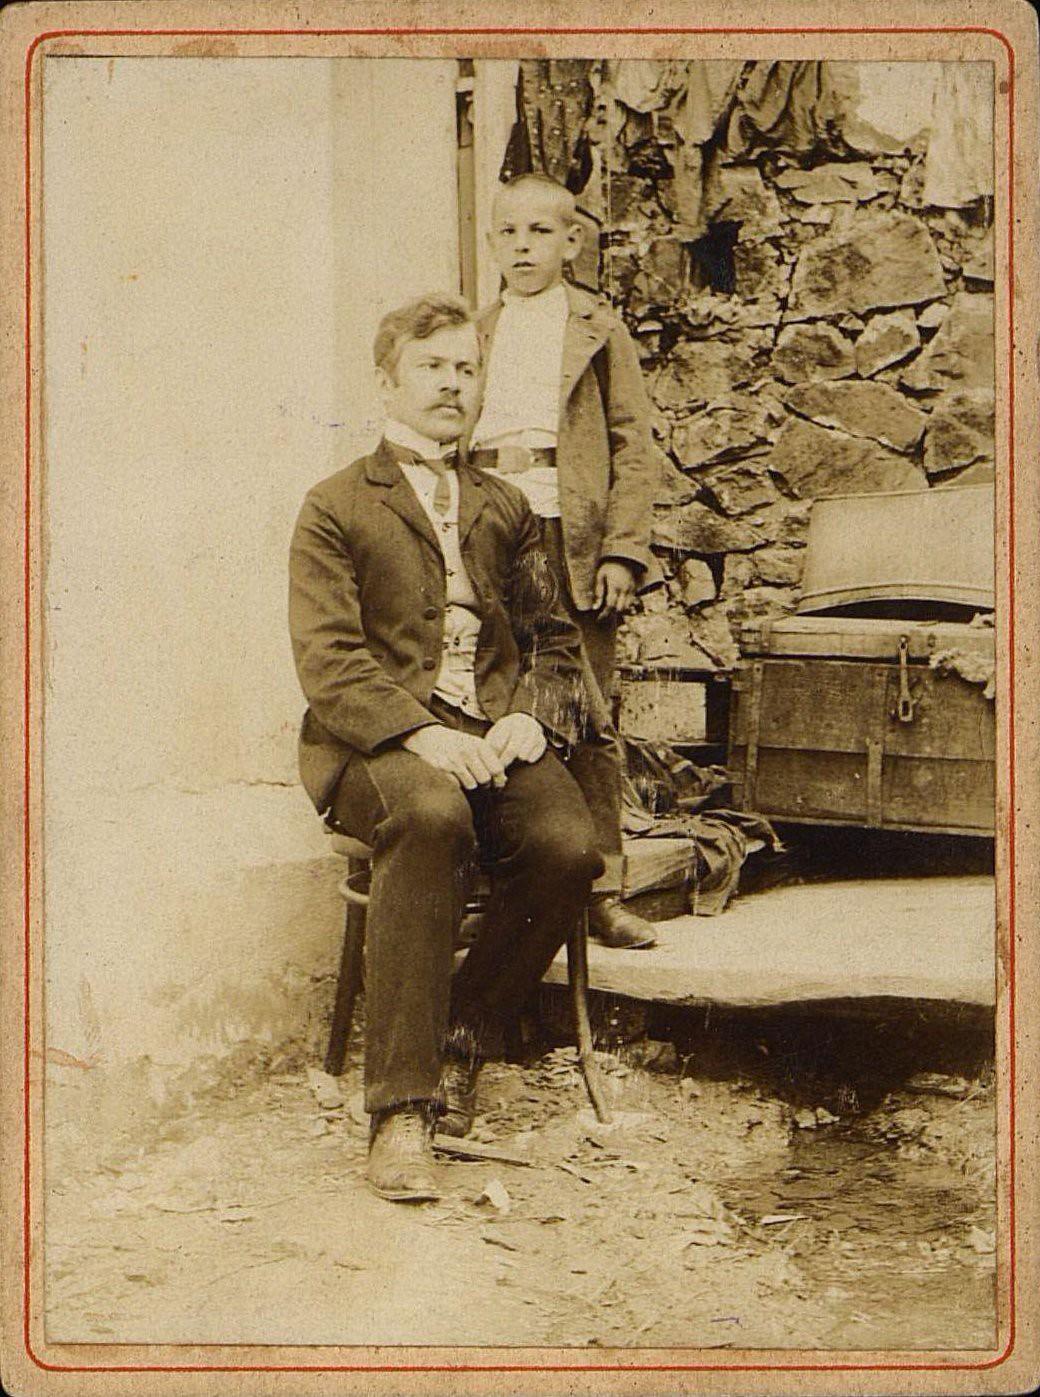 Топорков Владимир Дмитриевич, учитель двухклассного училища в селе Зеньковке Южно-Уссурийского уезда, с племянником. 1909